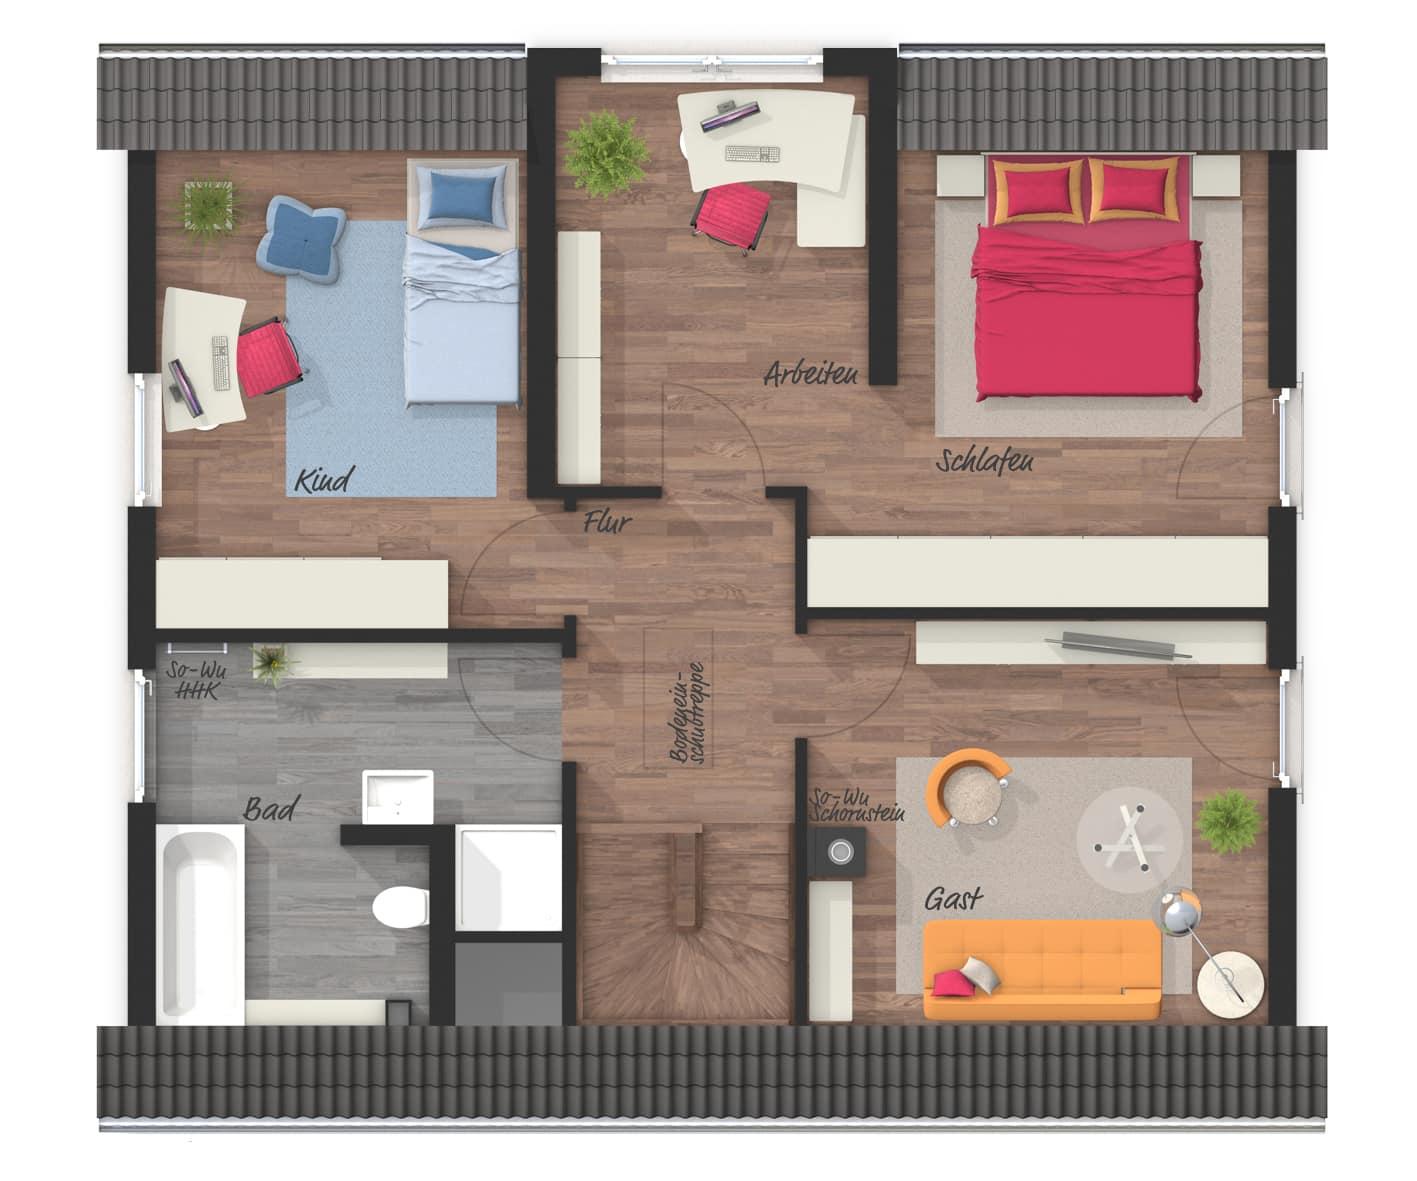 Grundriss Einfamilienhaus Obergeschoss mit Satteldach & Zwerchgiebel, 120 qm, 4 Zimmer - Massivhaus schlüsselfertig bauen Ideen Lichthaus 121 Style von Town Country Haus - HausbauDirekt.de